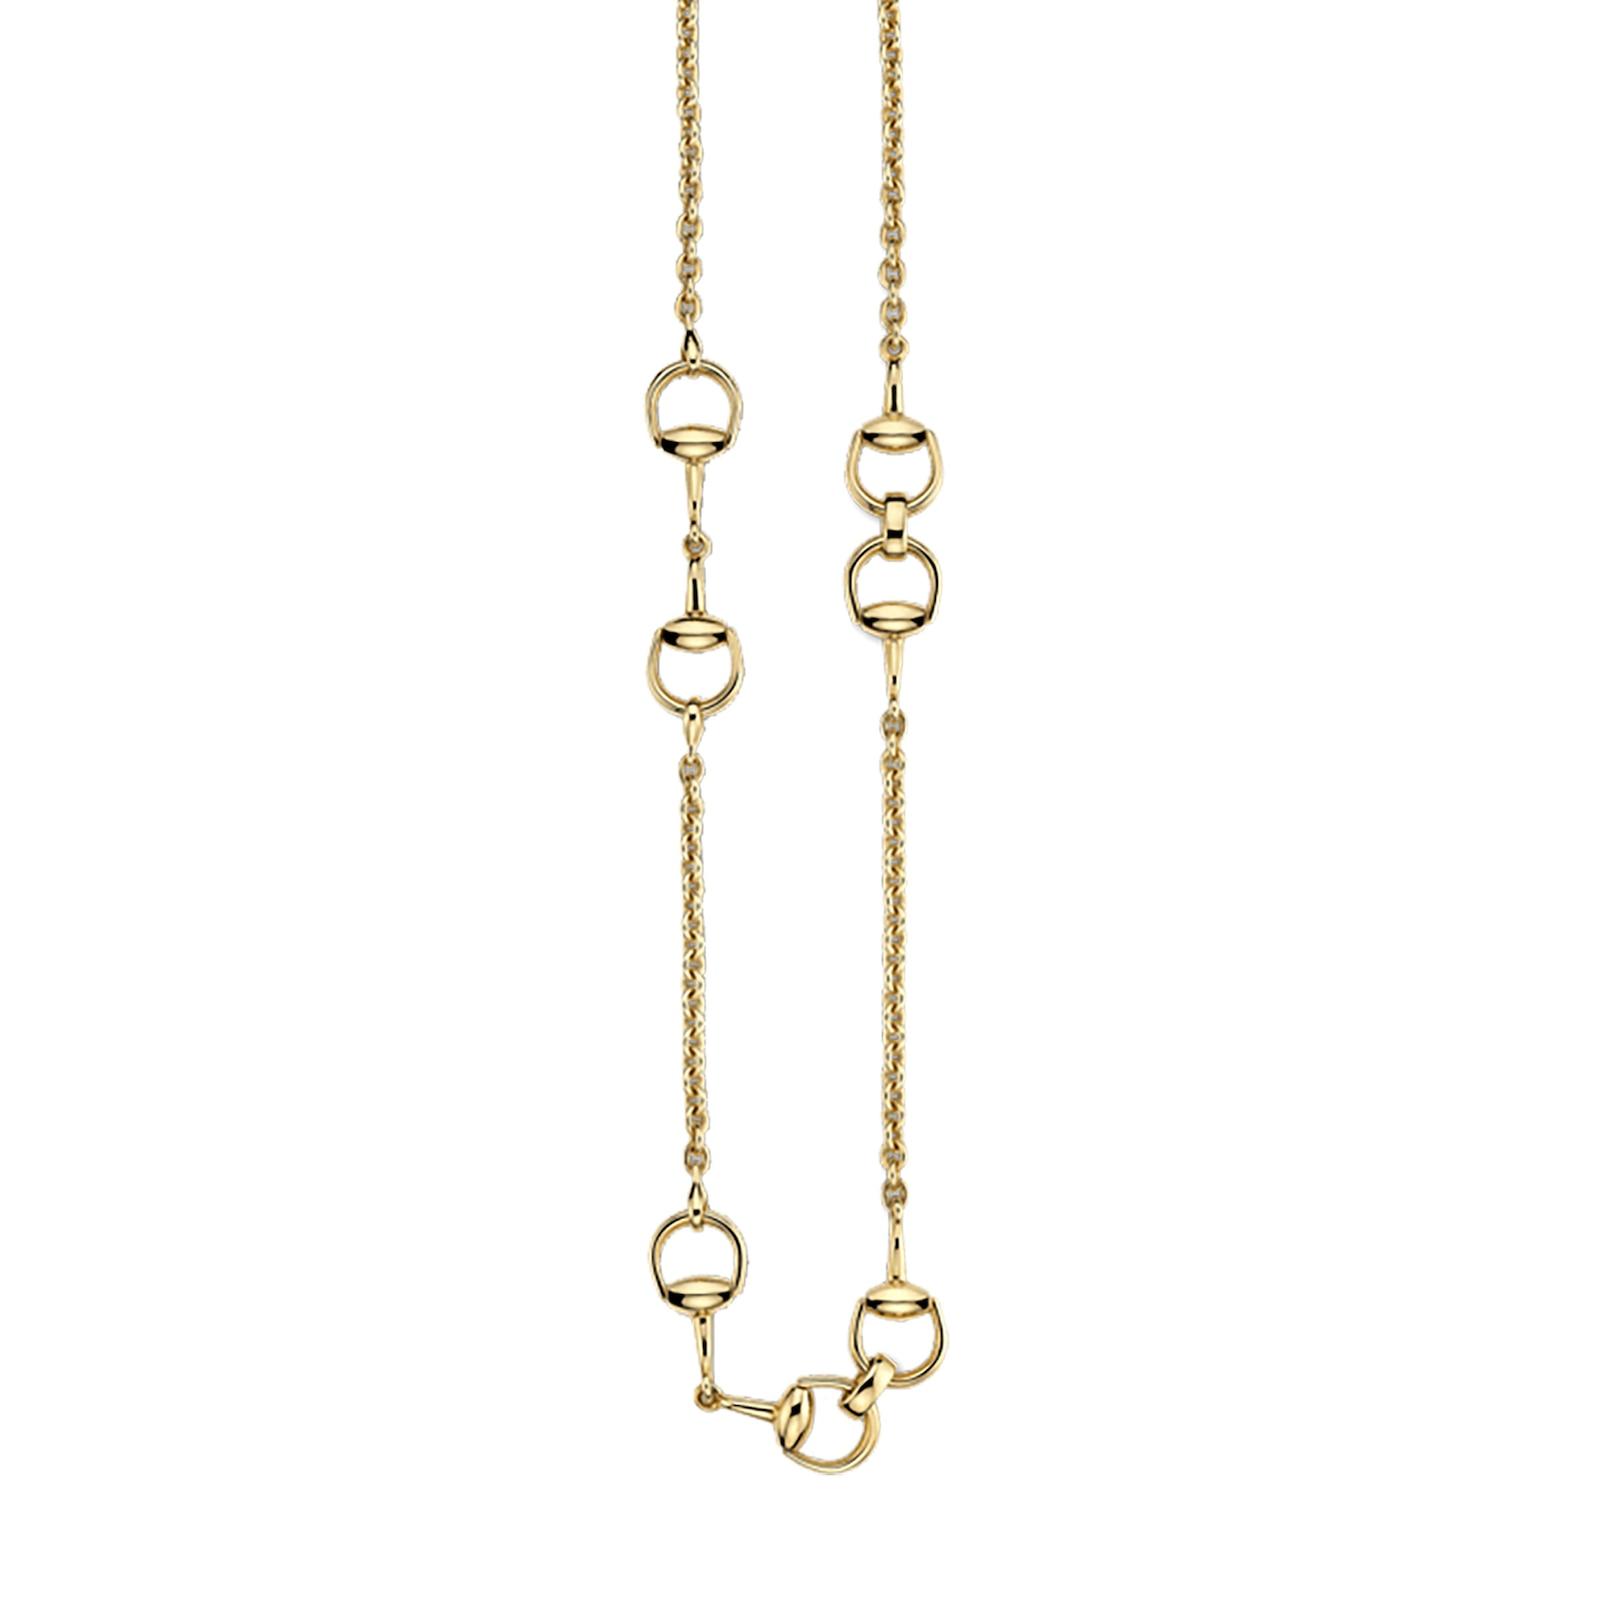 Gucci Horsebit Gold Necklace